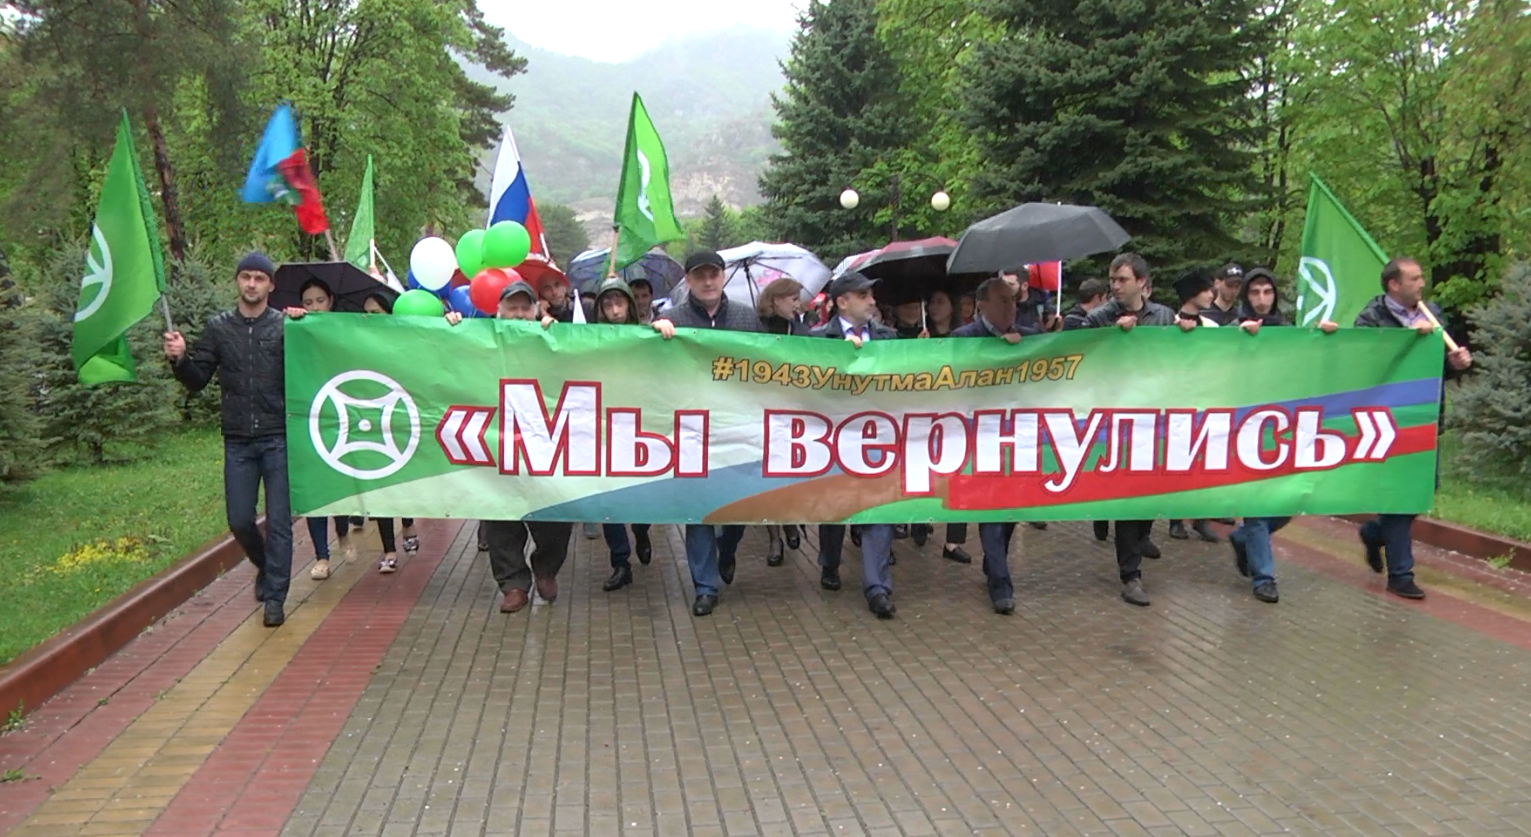 поздравления с днем возрождения карачаевского народа открытки них такой